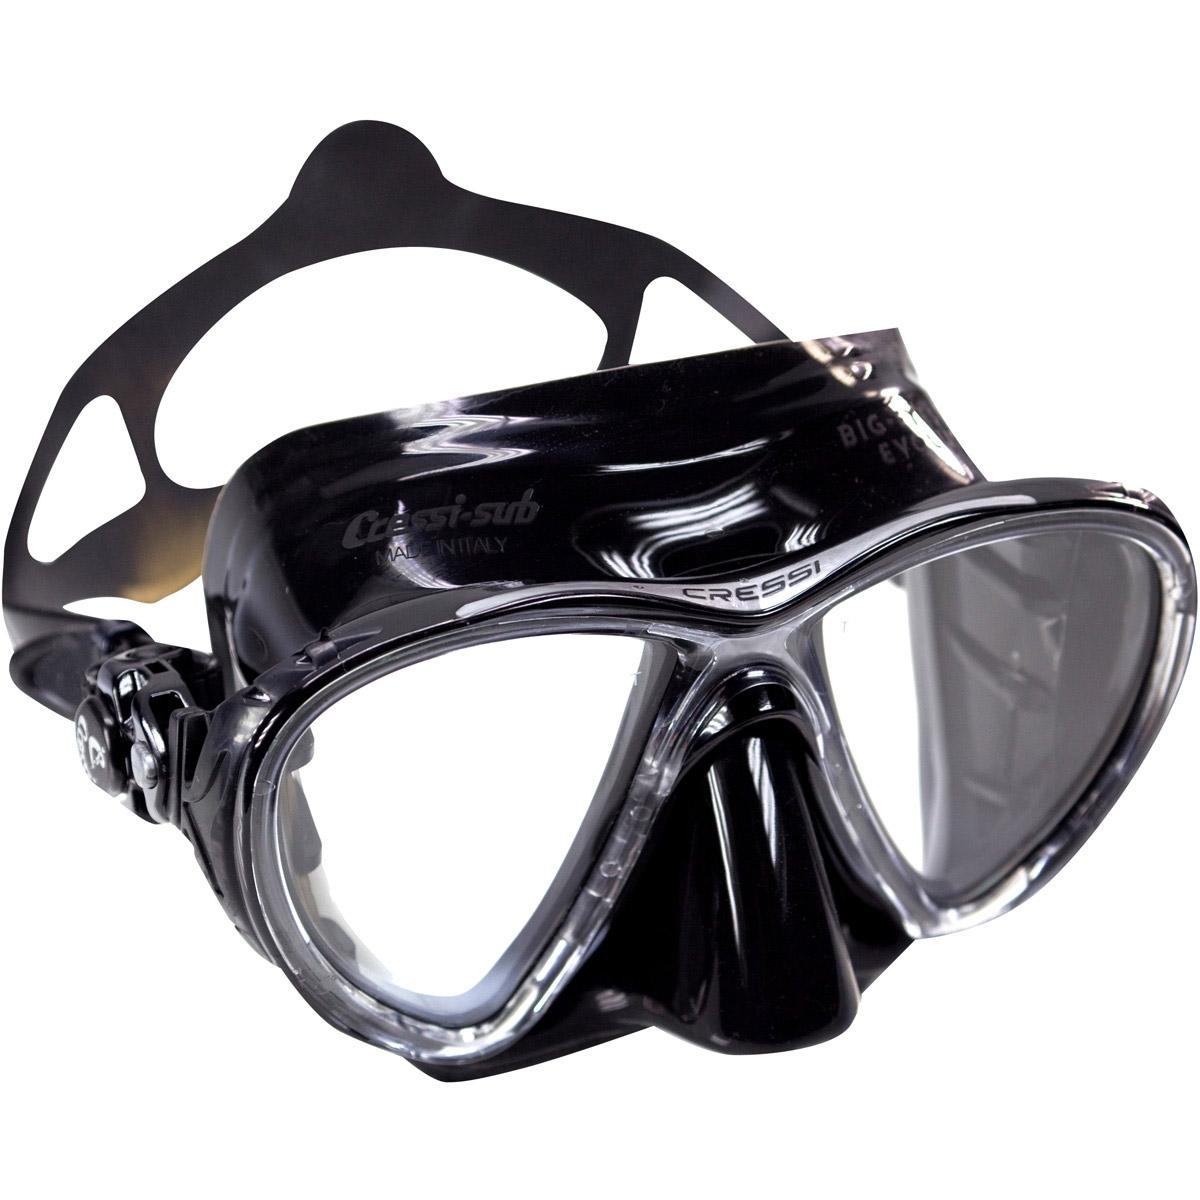 Cressi Eyes Evolution Black Mask Black